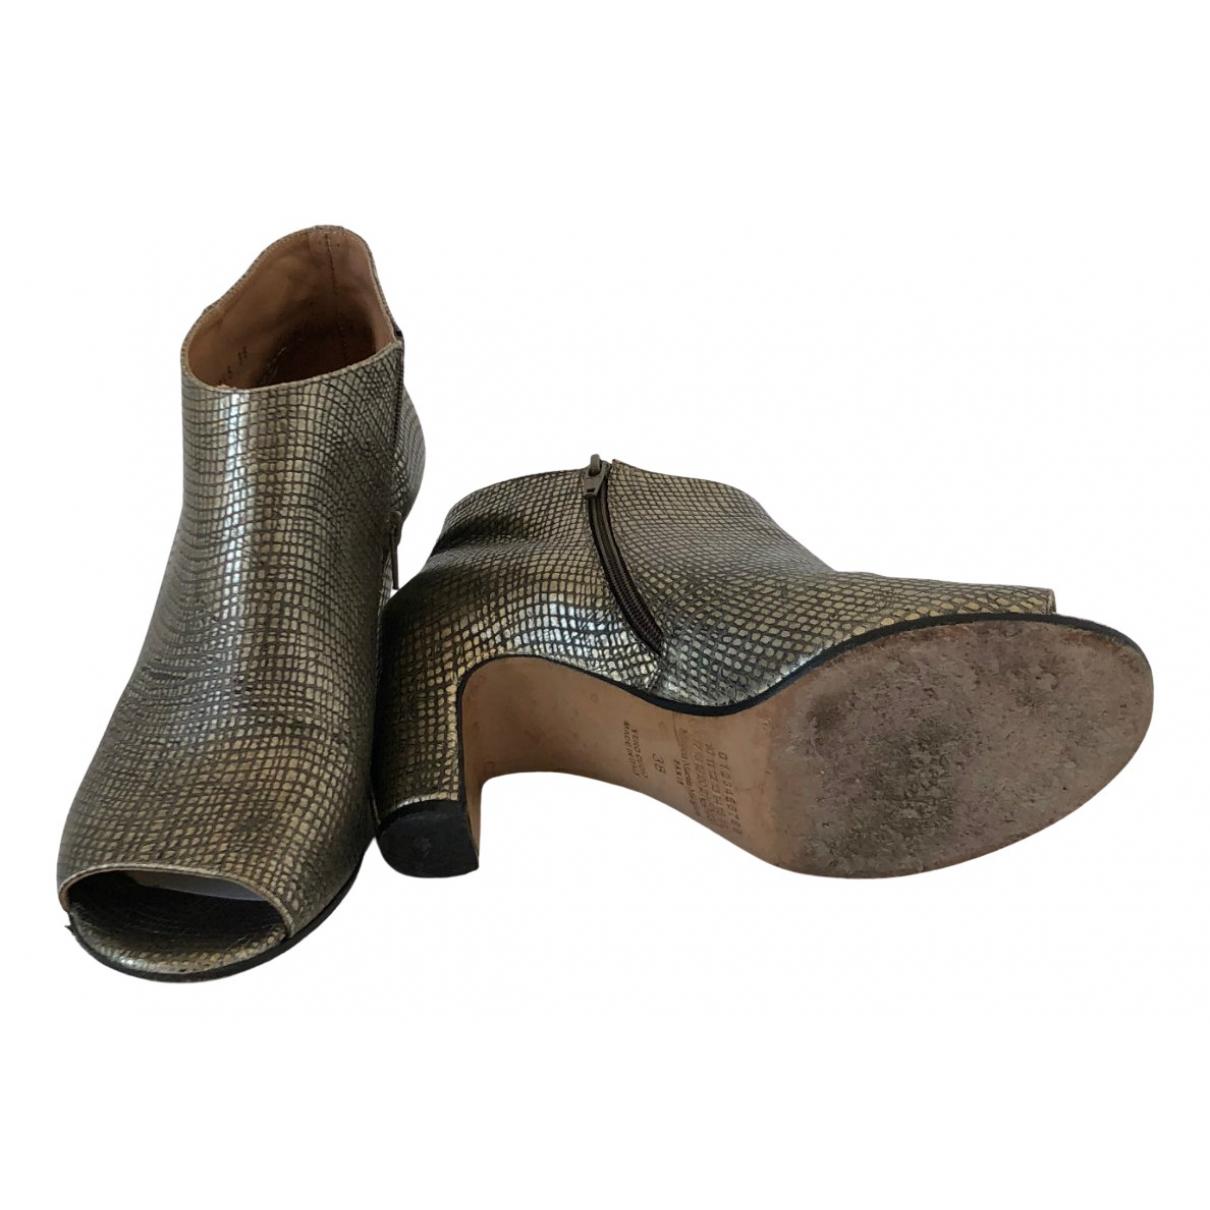 Maison Martin Margiela - Boots   pour femme en serpent deau - multicolore